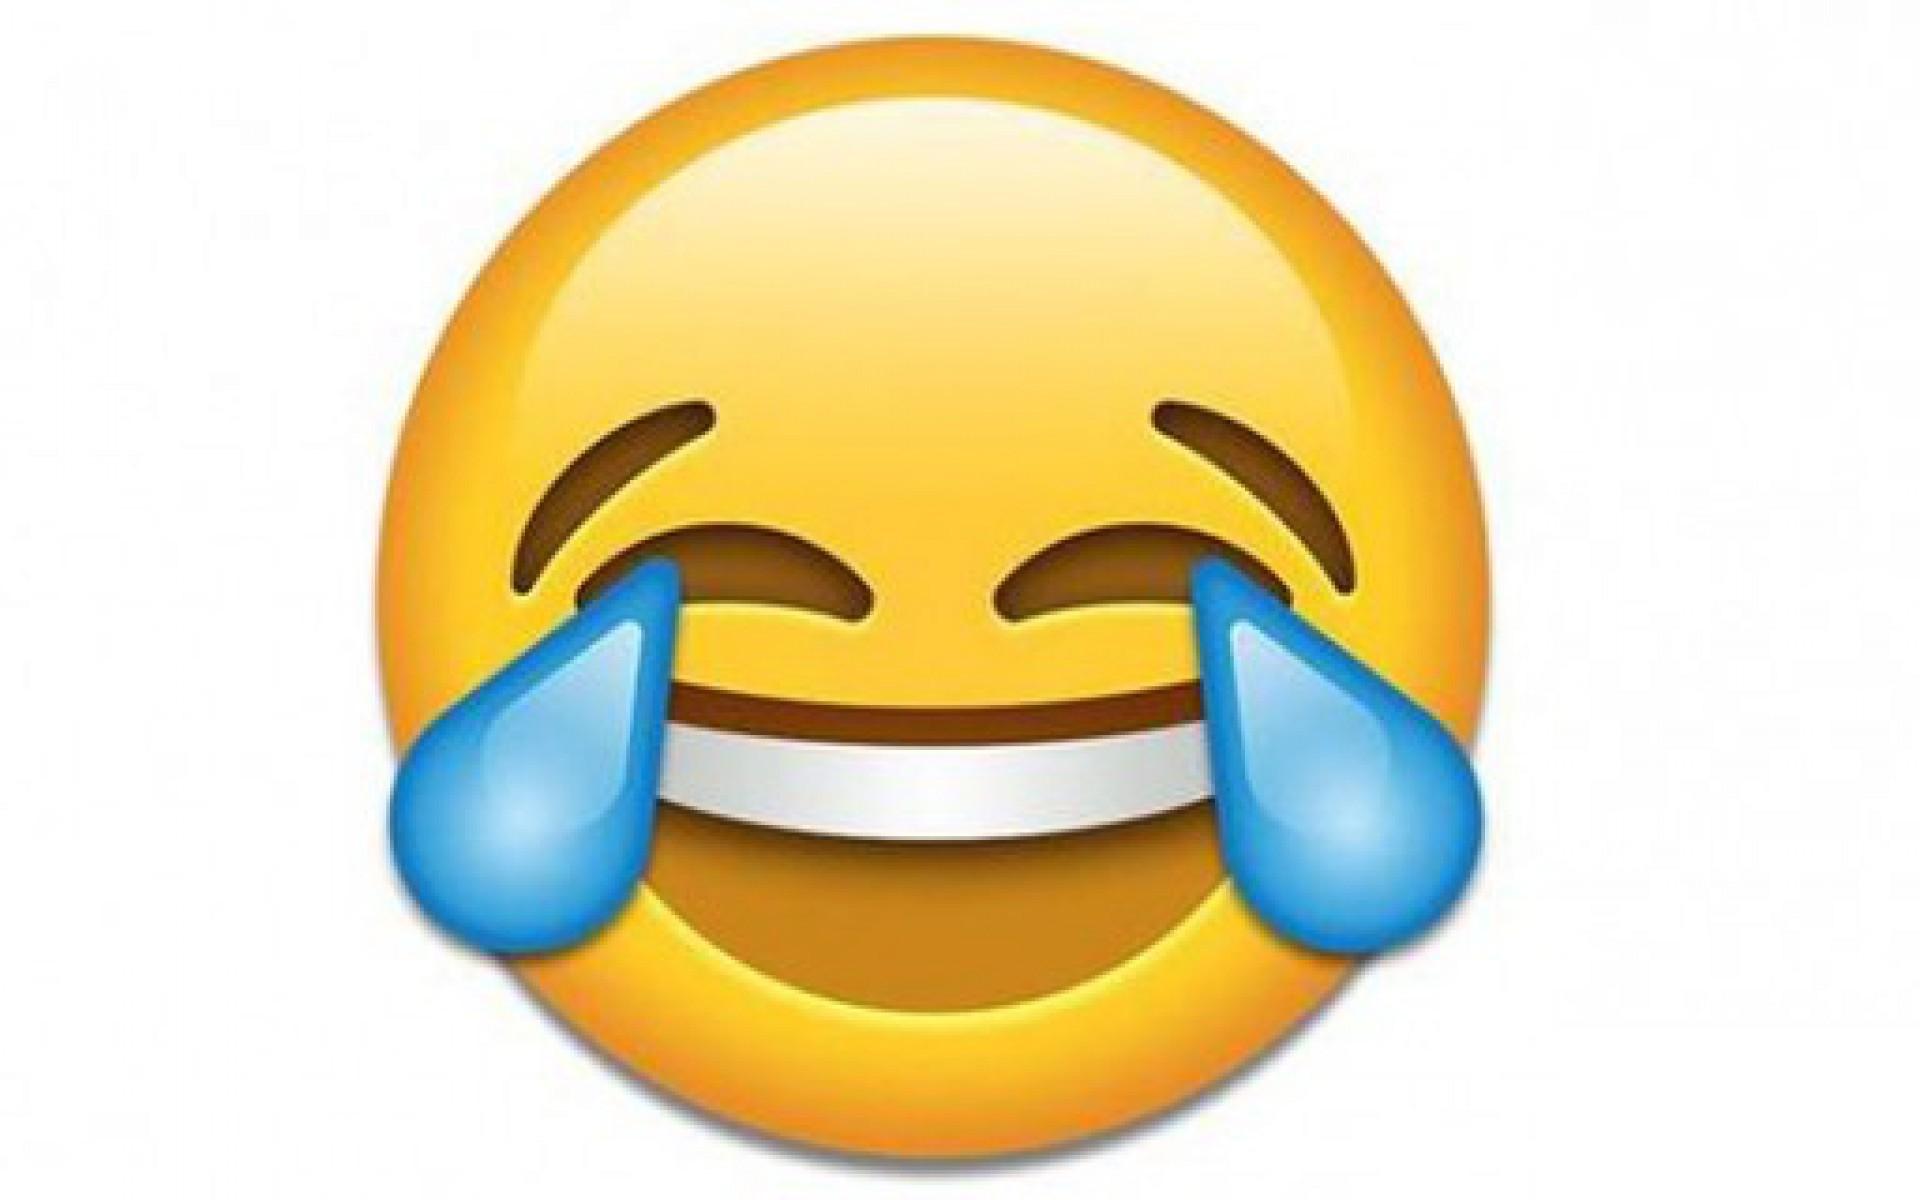 Até o uso dos emojis entrou na lista para qualificar as gerações (Foto: Divulgação)